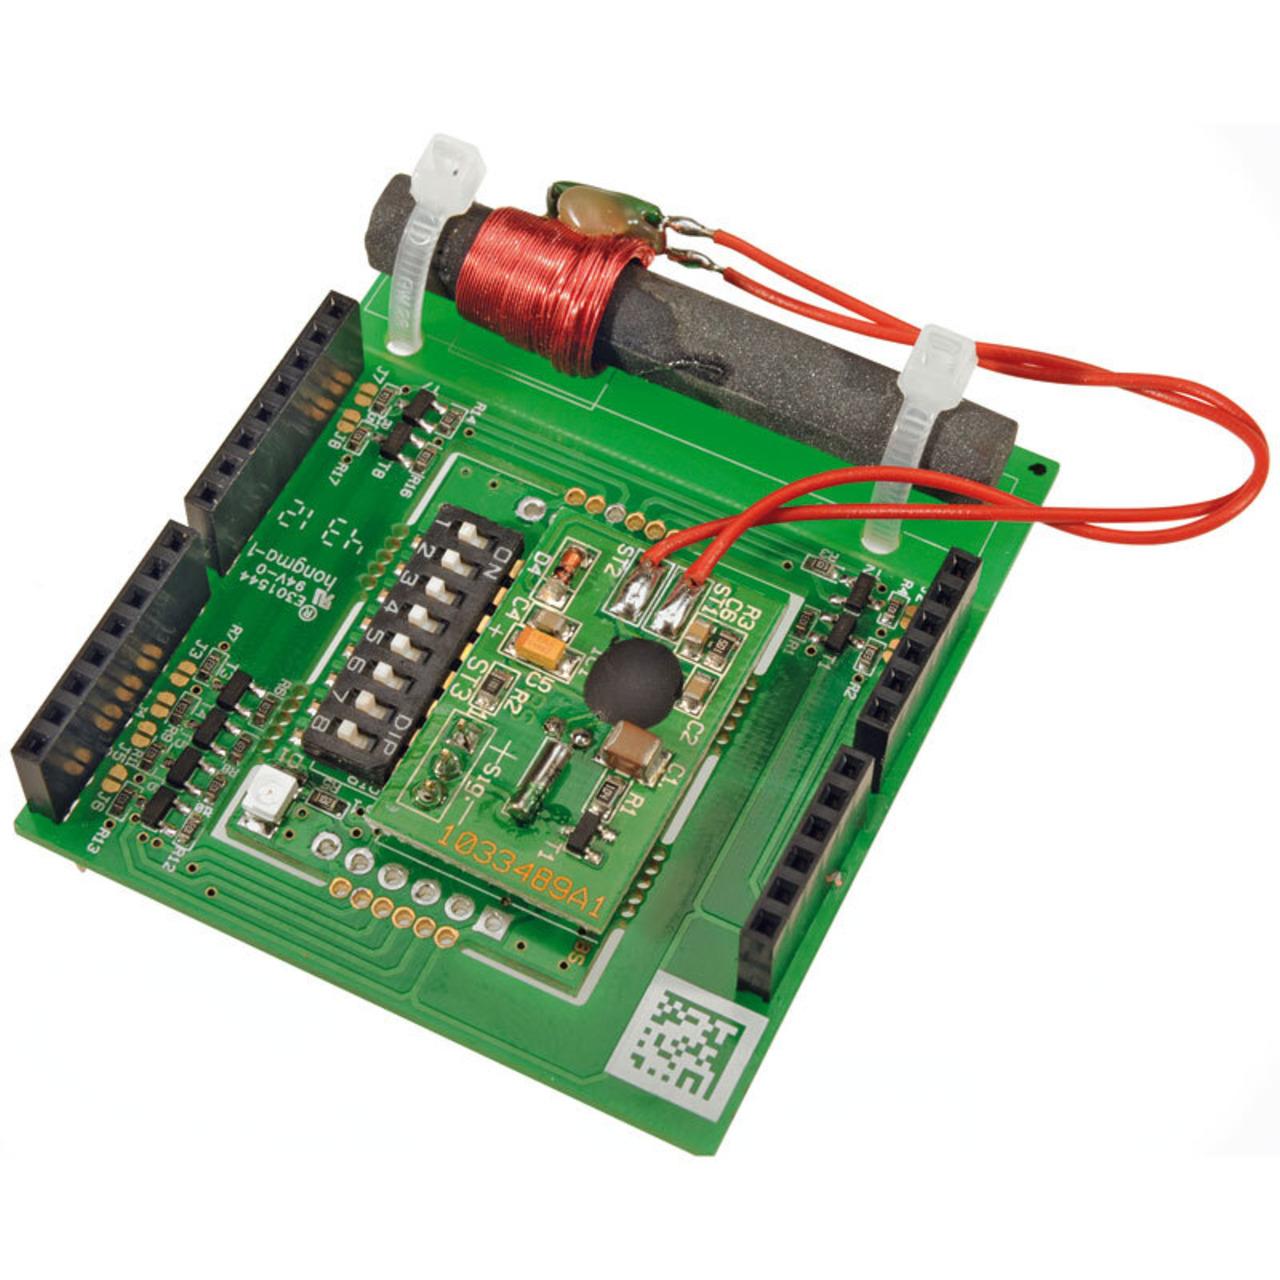 ELV Komplettbausatz Real-Time-Clock-DCF-Modul mit I2C- SPI u- UART-Schnittstelle- RTC-DCF